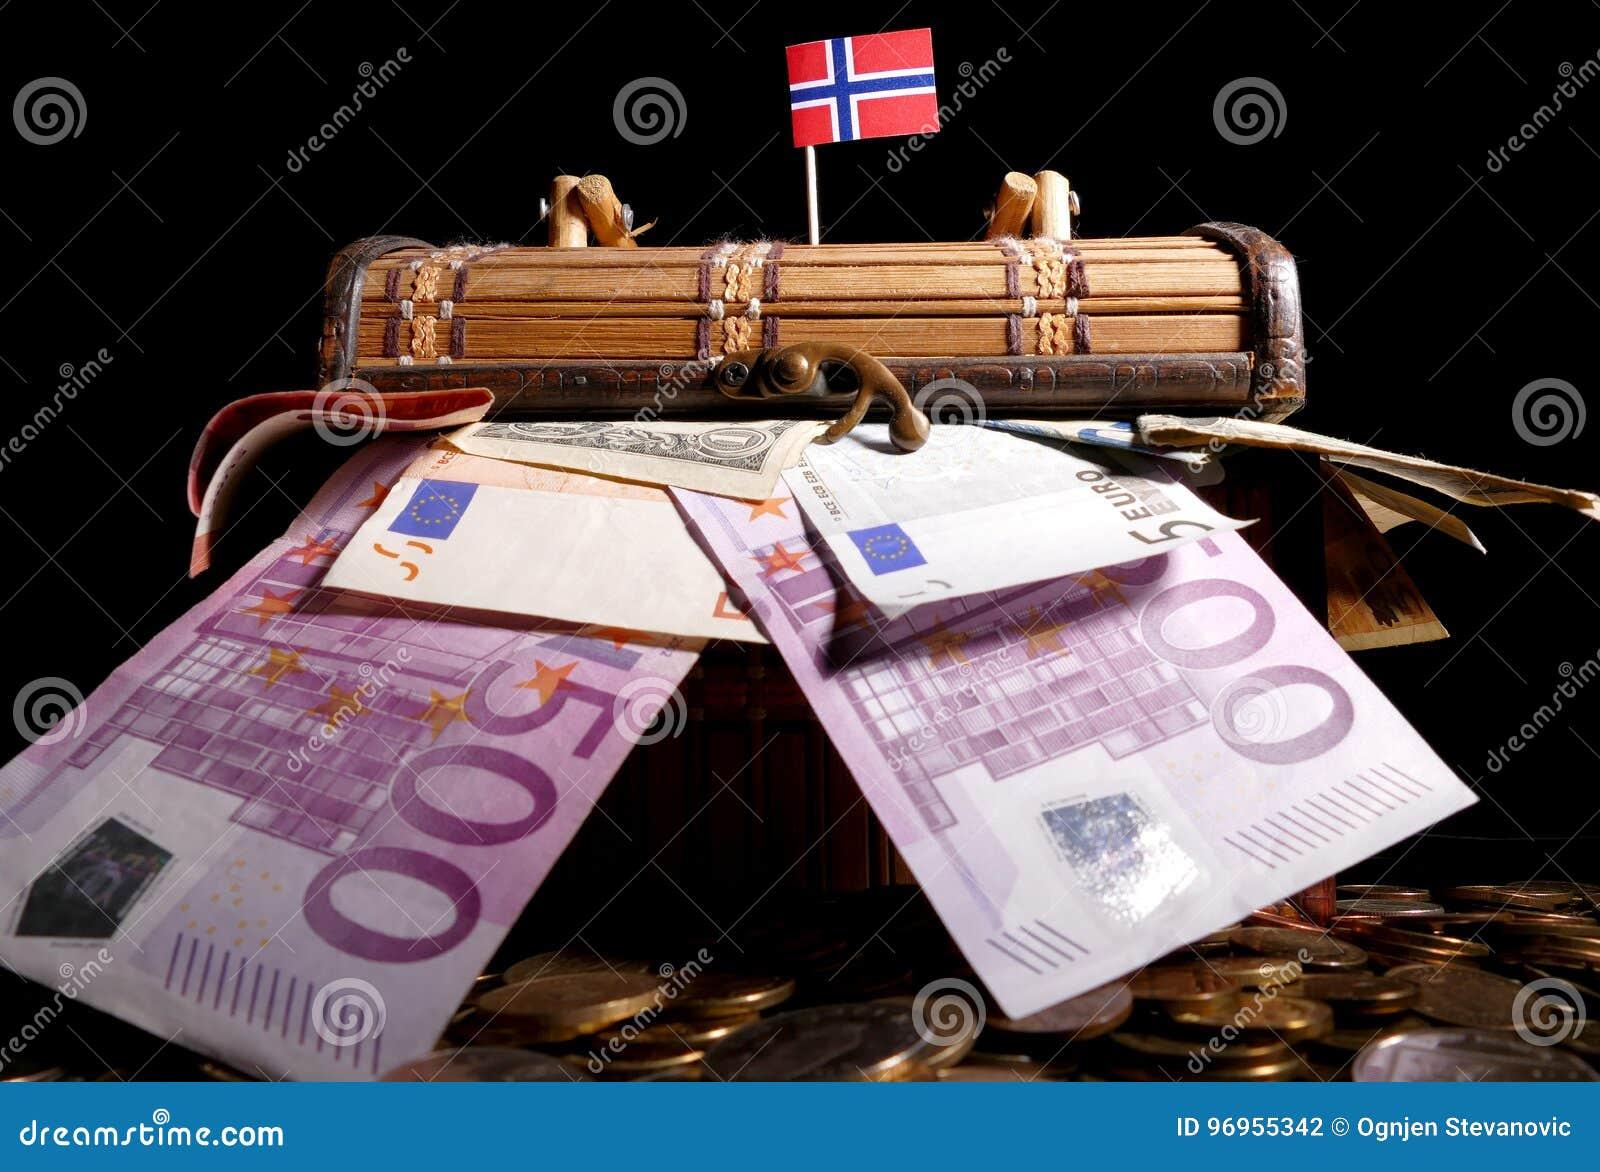 Νορβηγική σημαία πάνω από το κλουβί